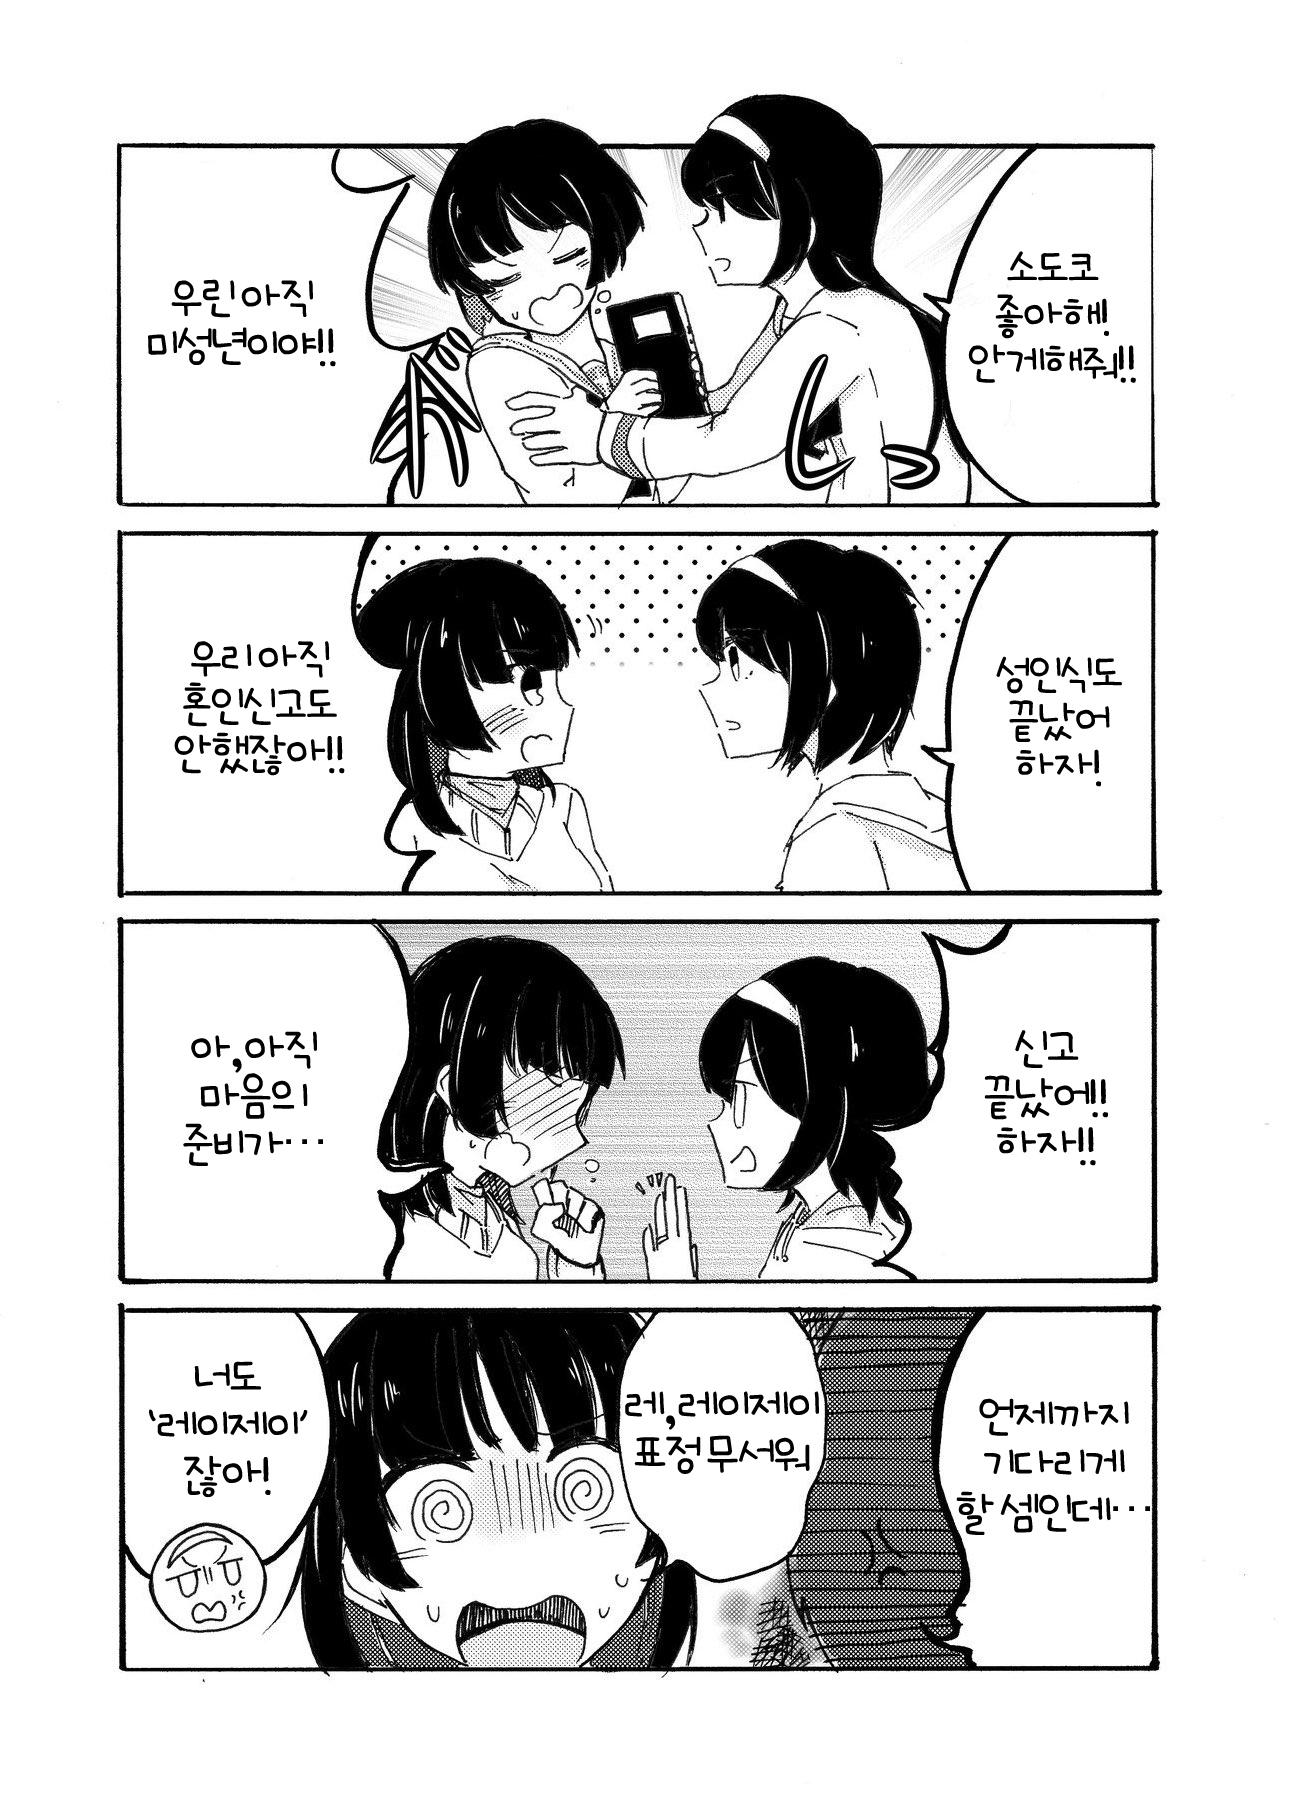 [걸즈&판처]진도를 잘 빼는 마코씨